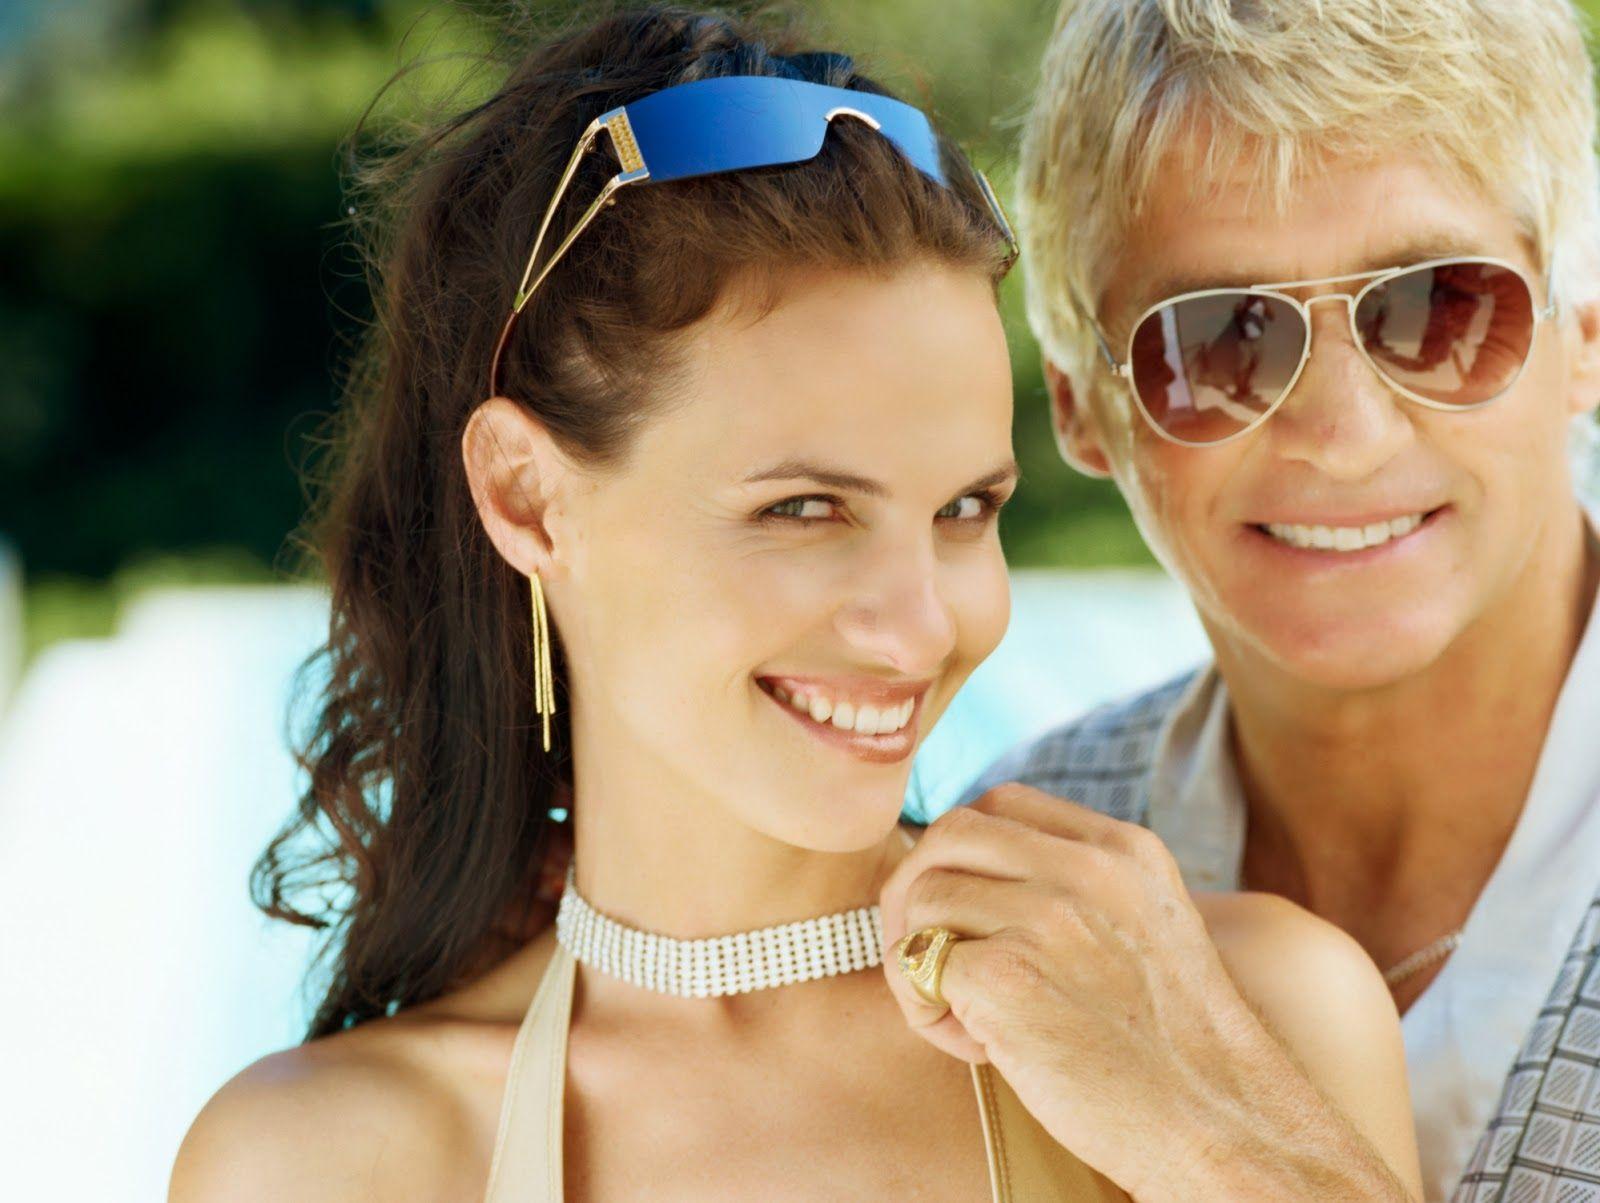 100% older men younger women dating sites